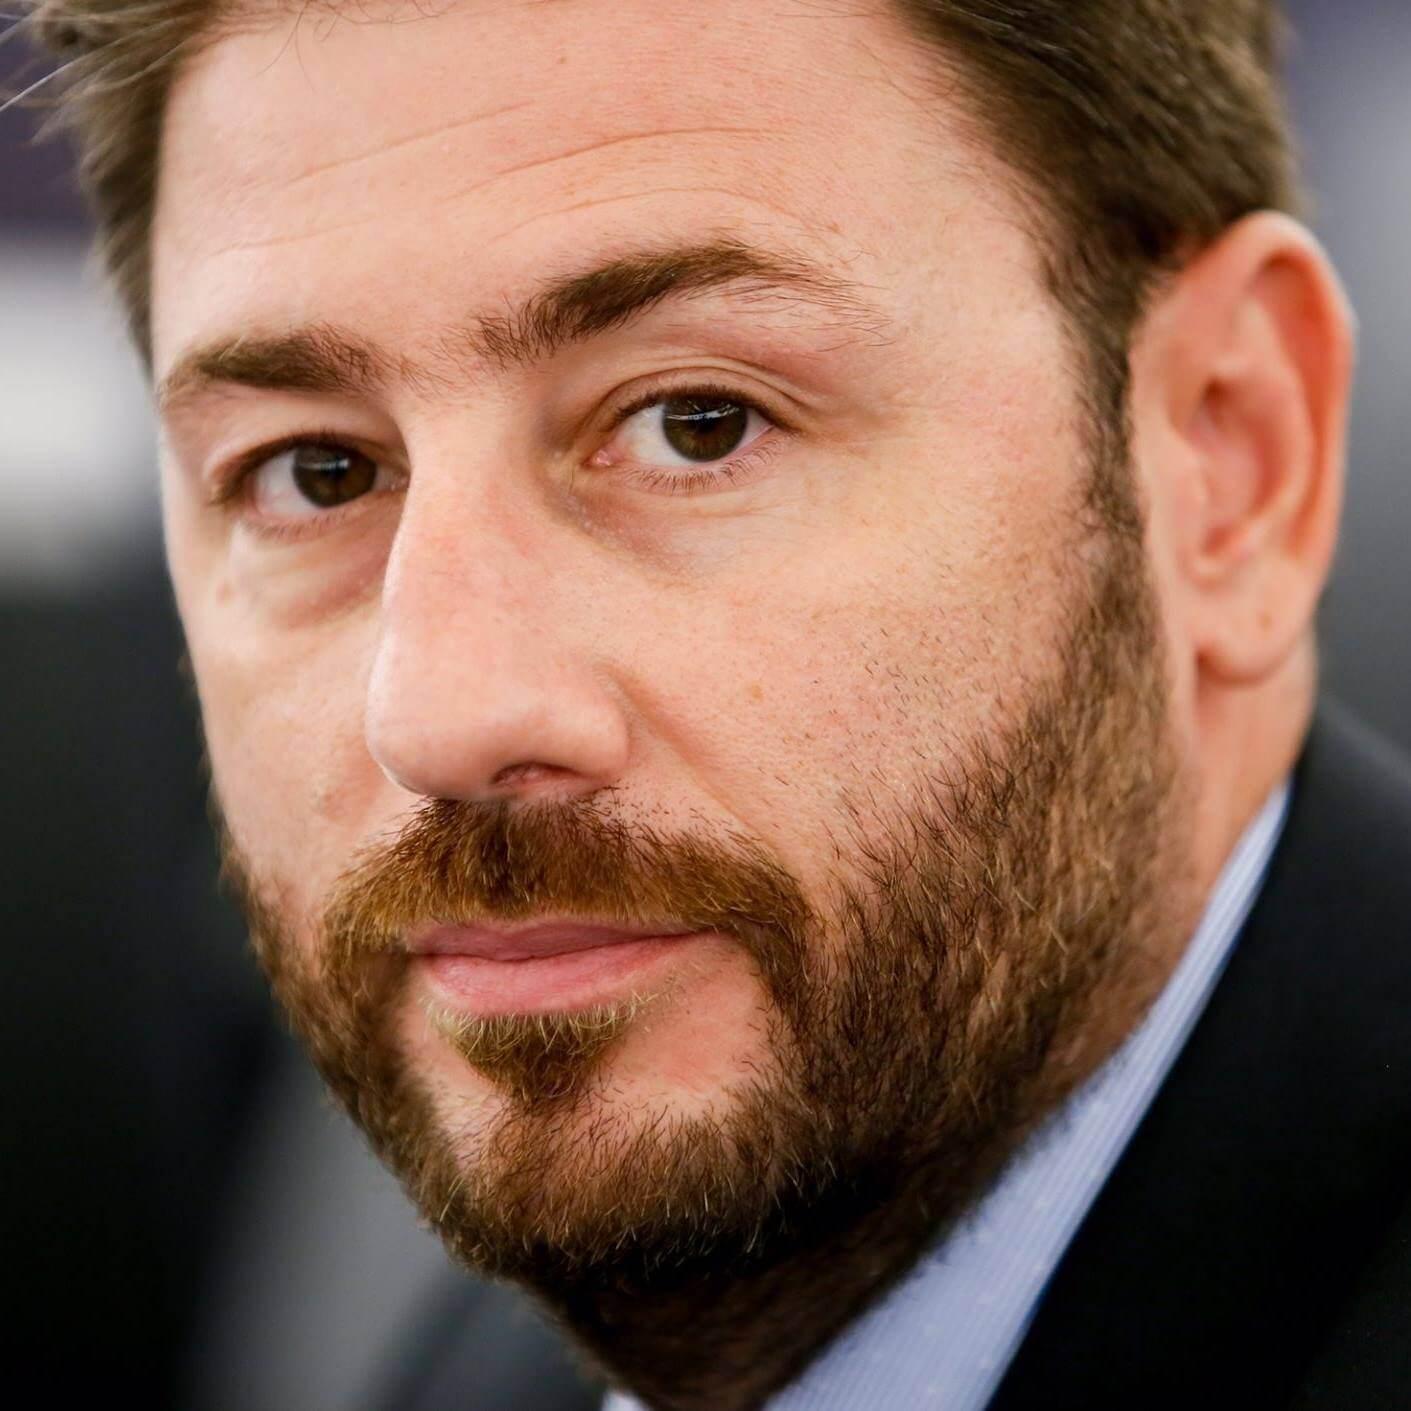 Νίκος Ανδρουλάκης : Ας στηρίξουμε τους παραγωγούς της περιοχής μας